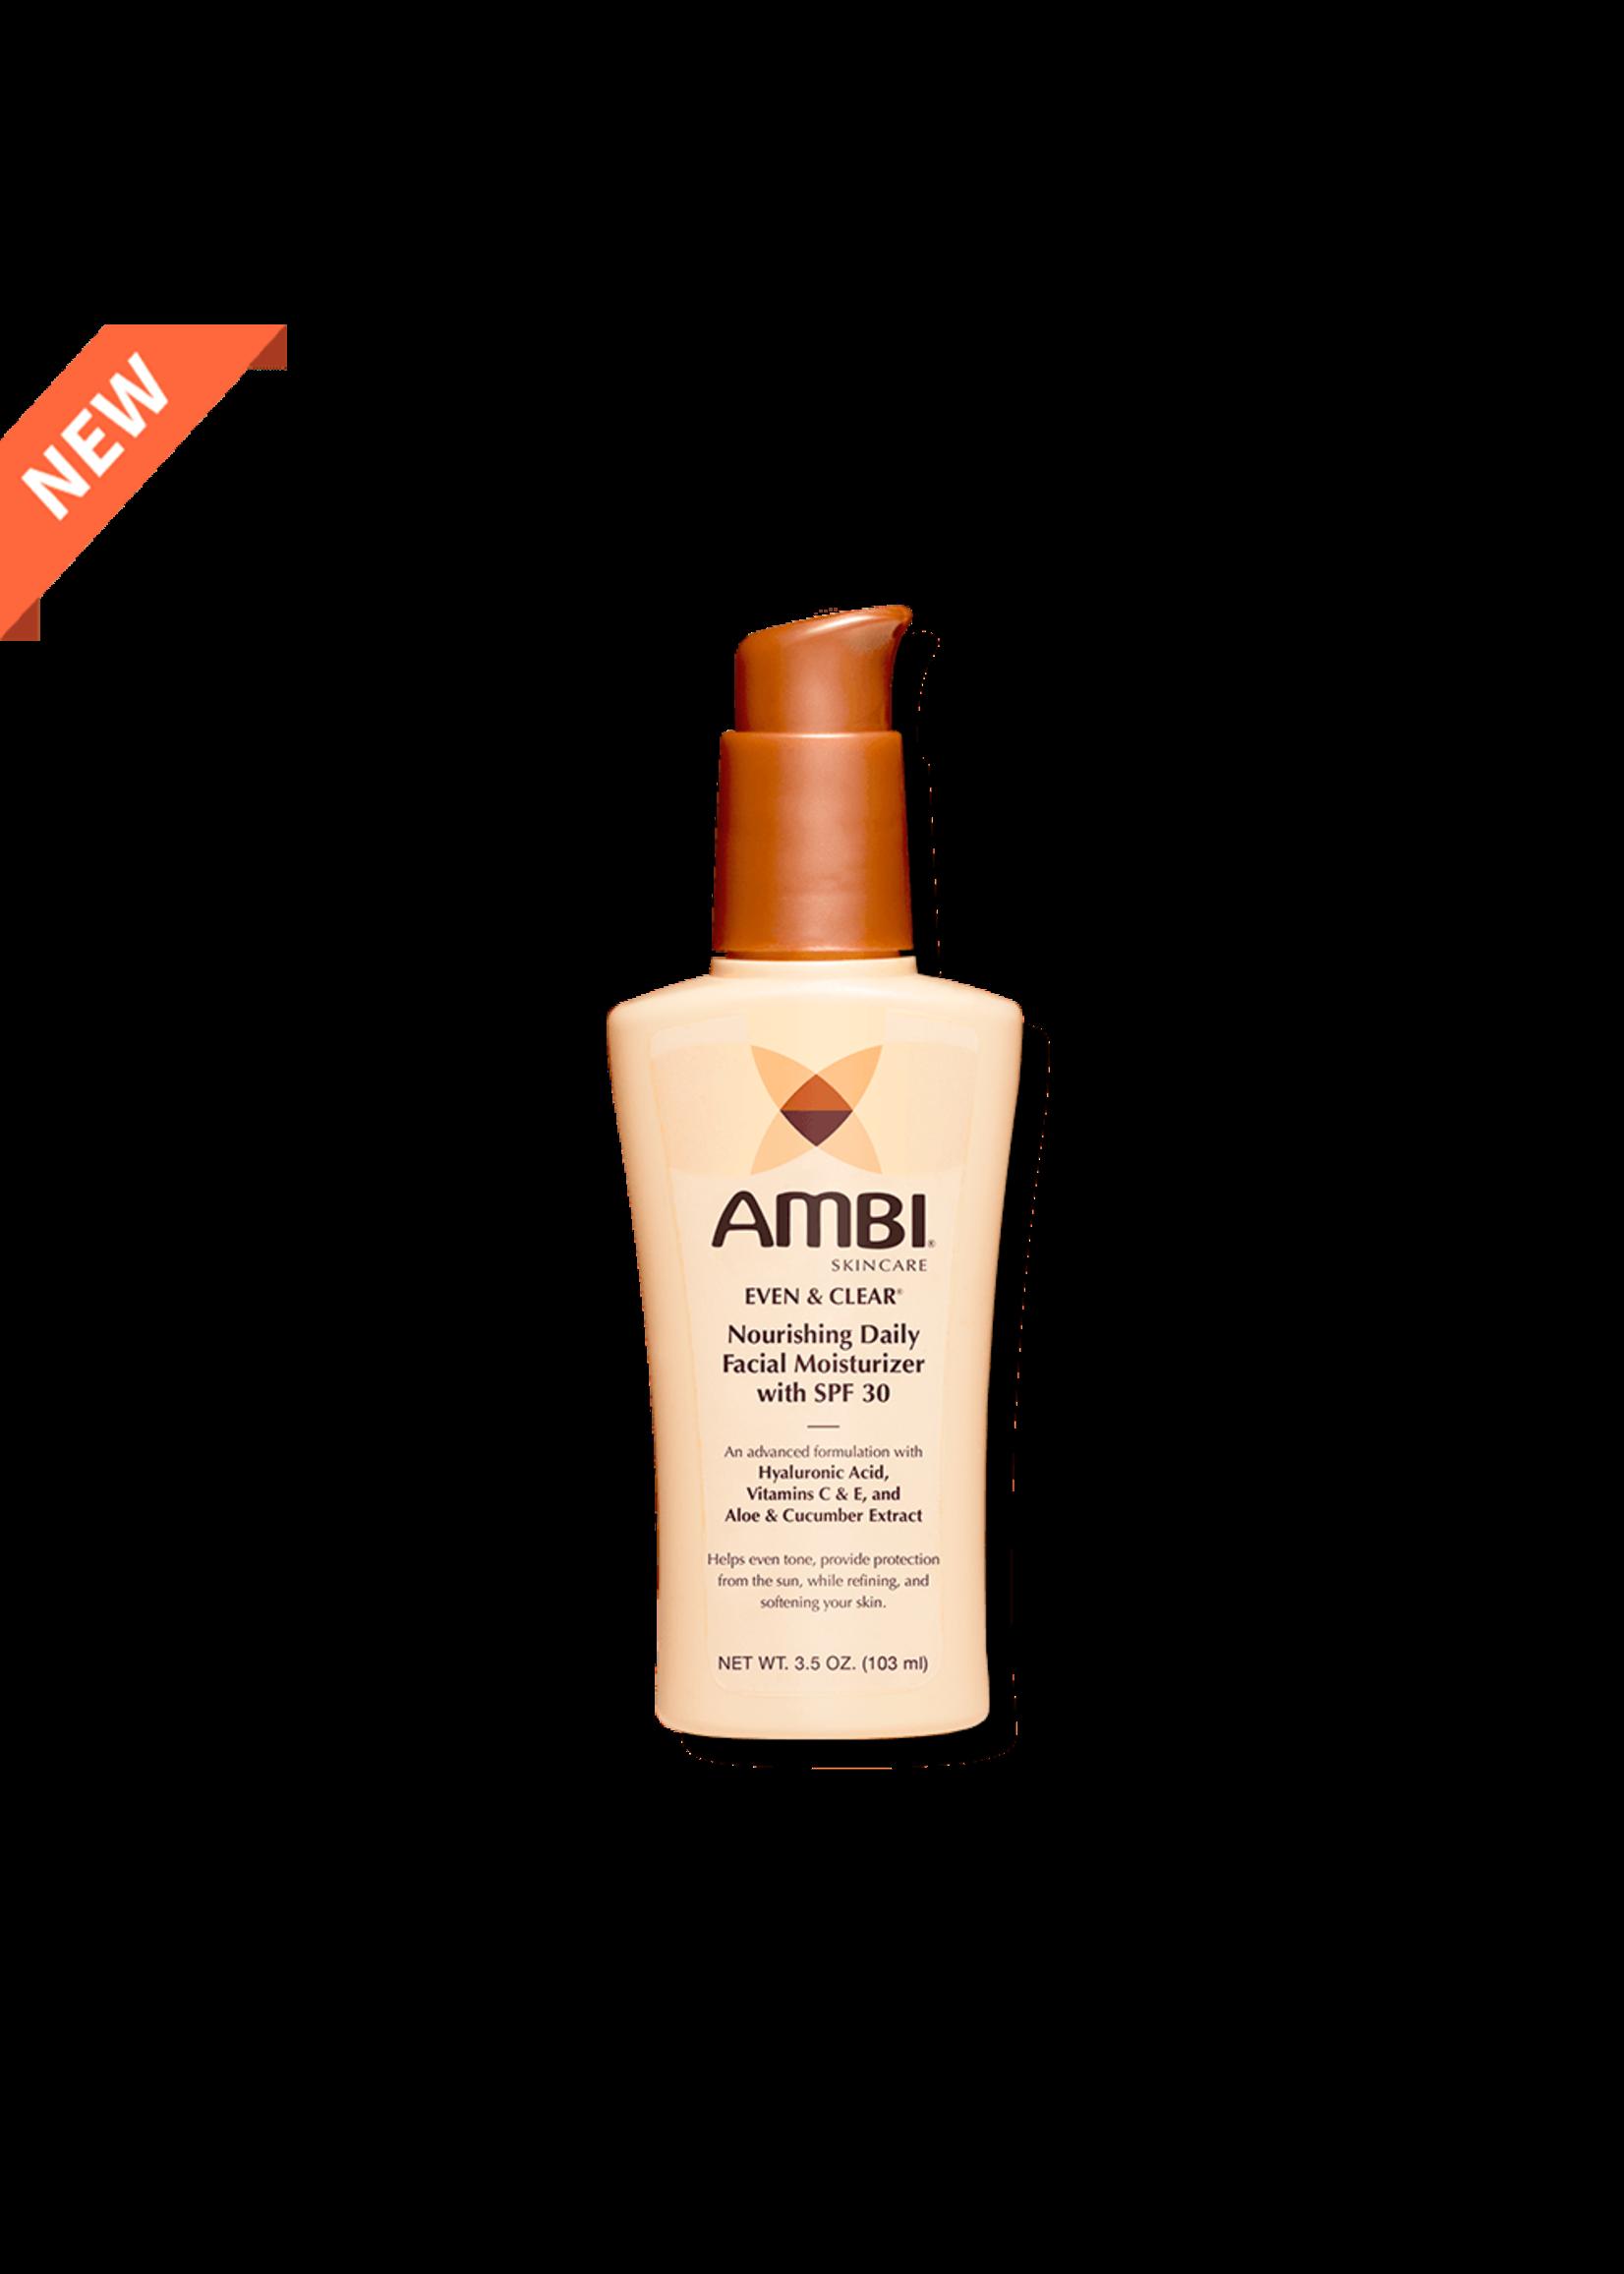 AMBI Even & Clear Nourishing Daily Facial Moisturizer